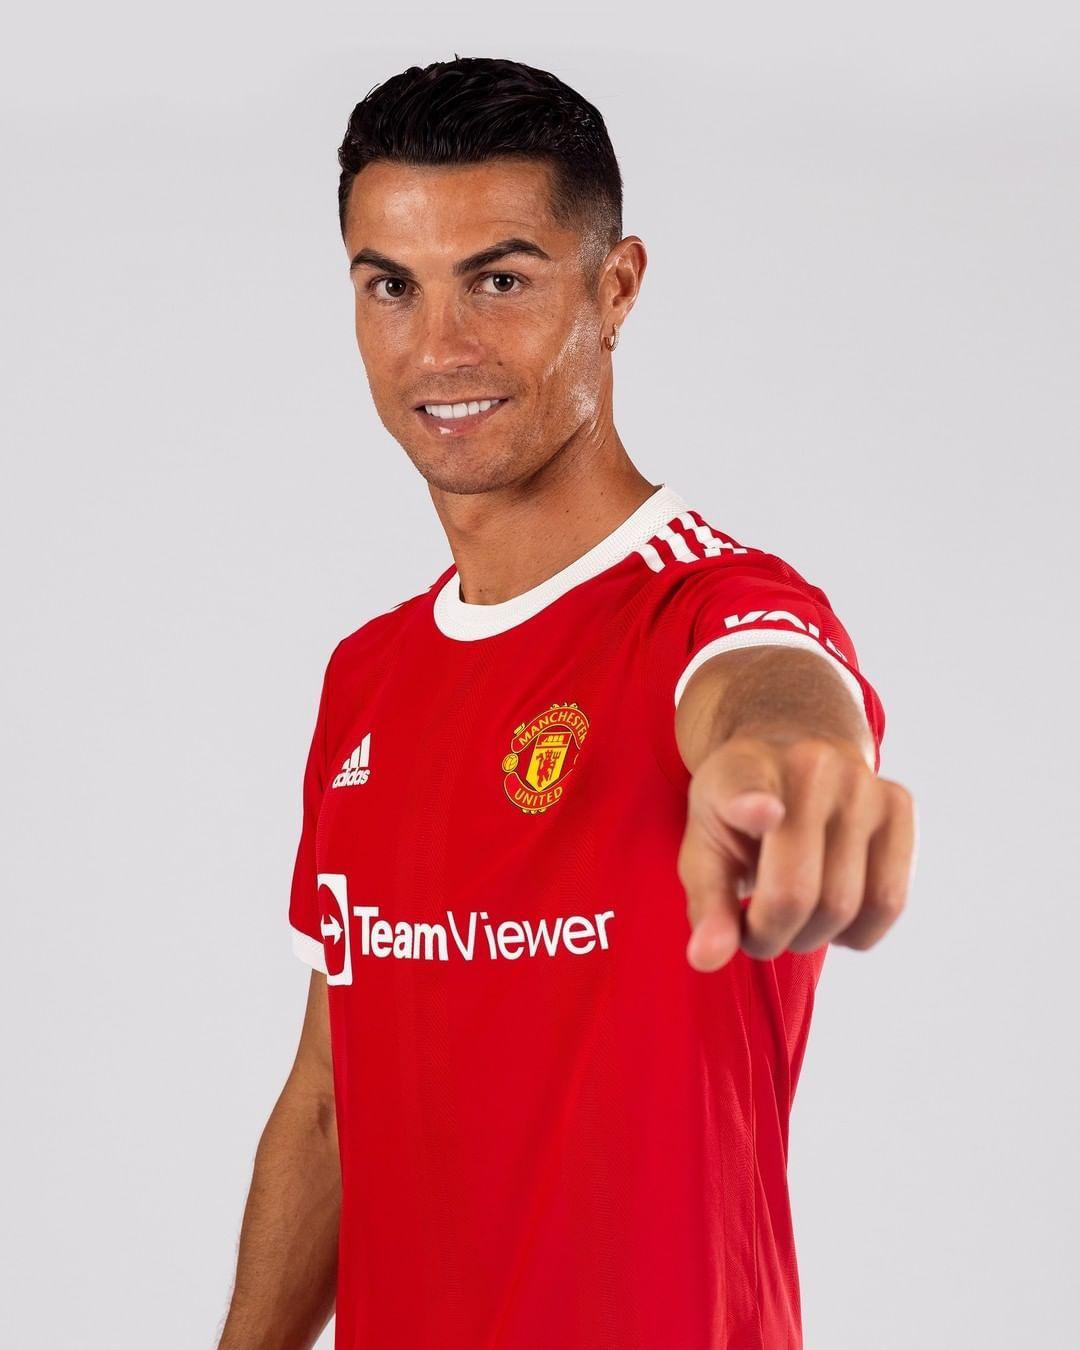 Ronaldo'nun dönüşünü cesur pozlarla kutladı! 'Daha ateşli fotoğraflar paylaşacağım' - Sayfa 2